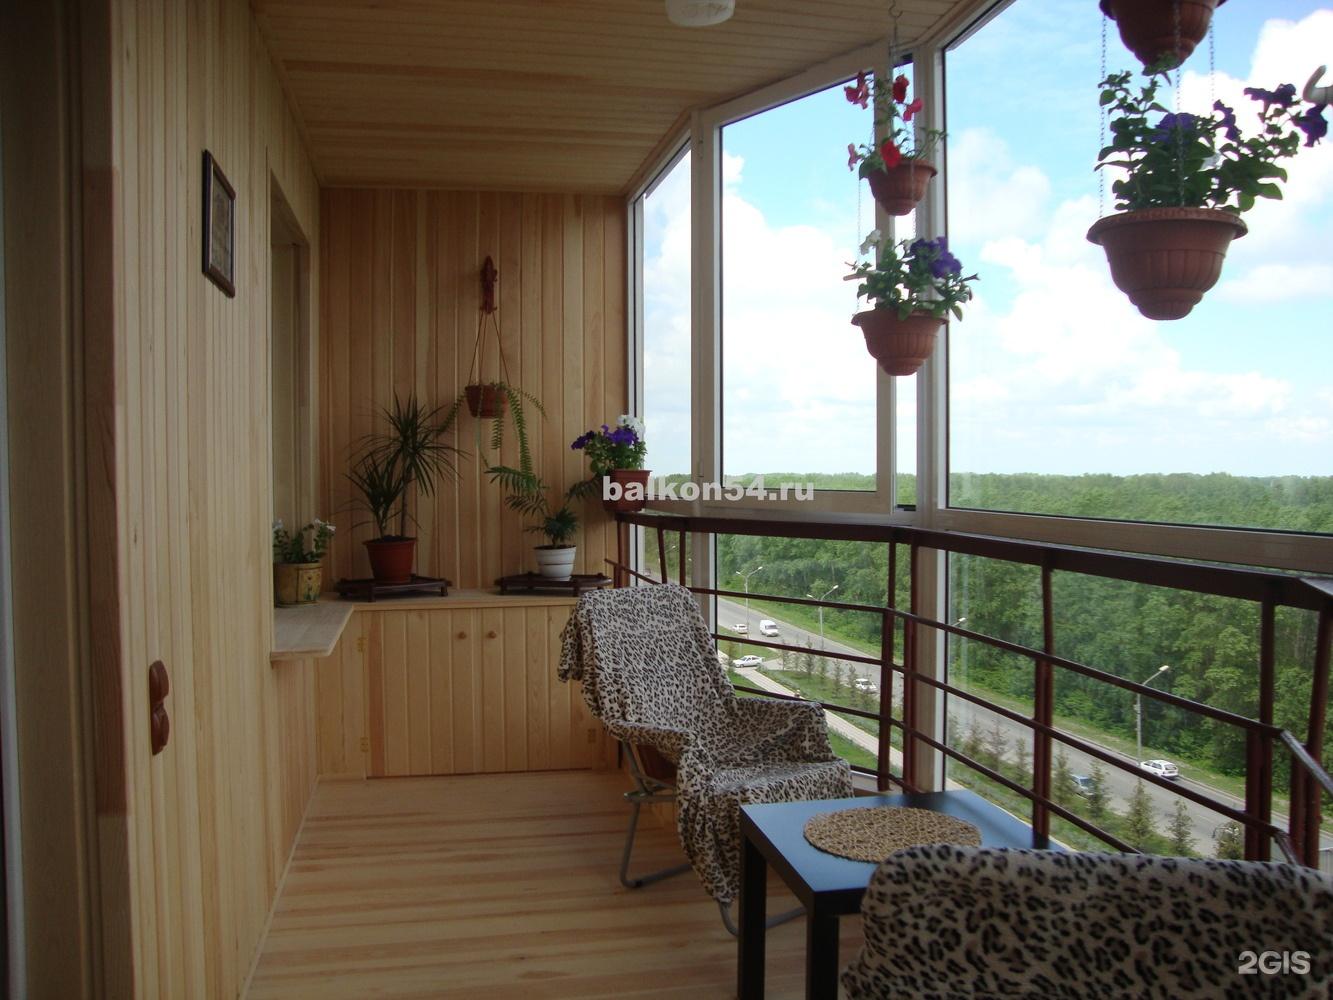 Внутренняя отделка комнат и помещений блок хаусом с фото.